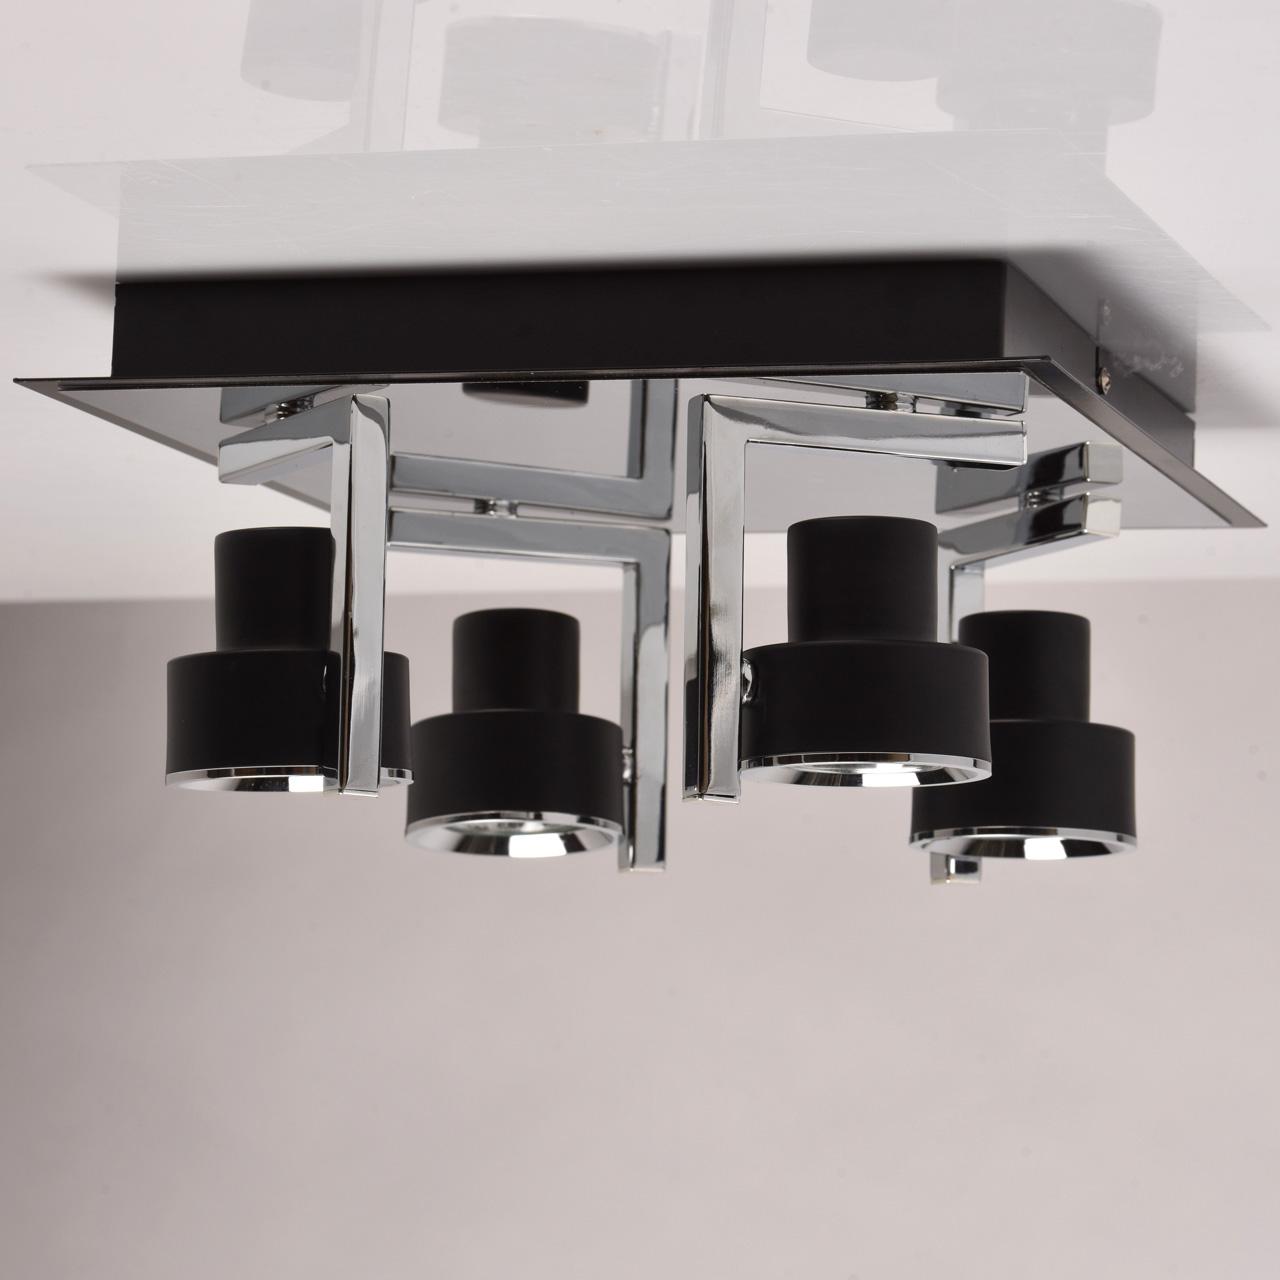 Oświetlenie Sufitowe 4 Halogeny Lustrzana Podstawa Demarkt Techno